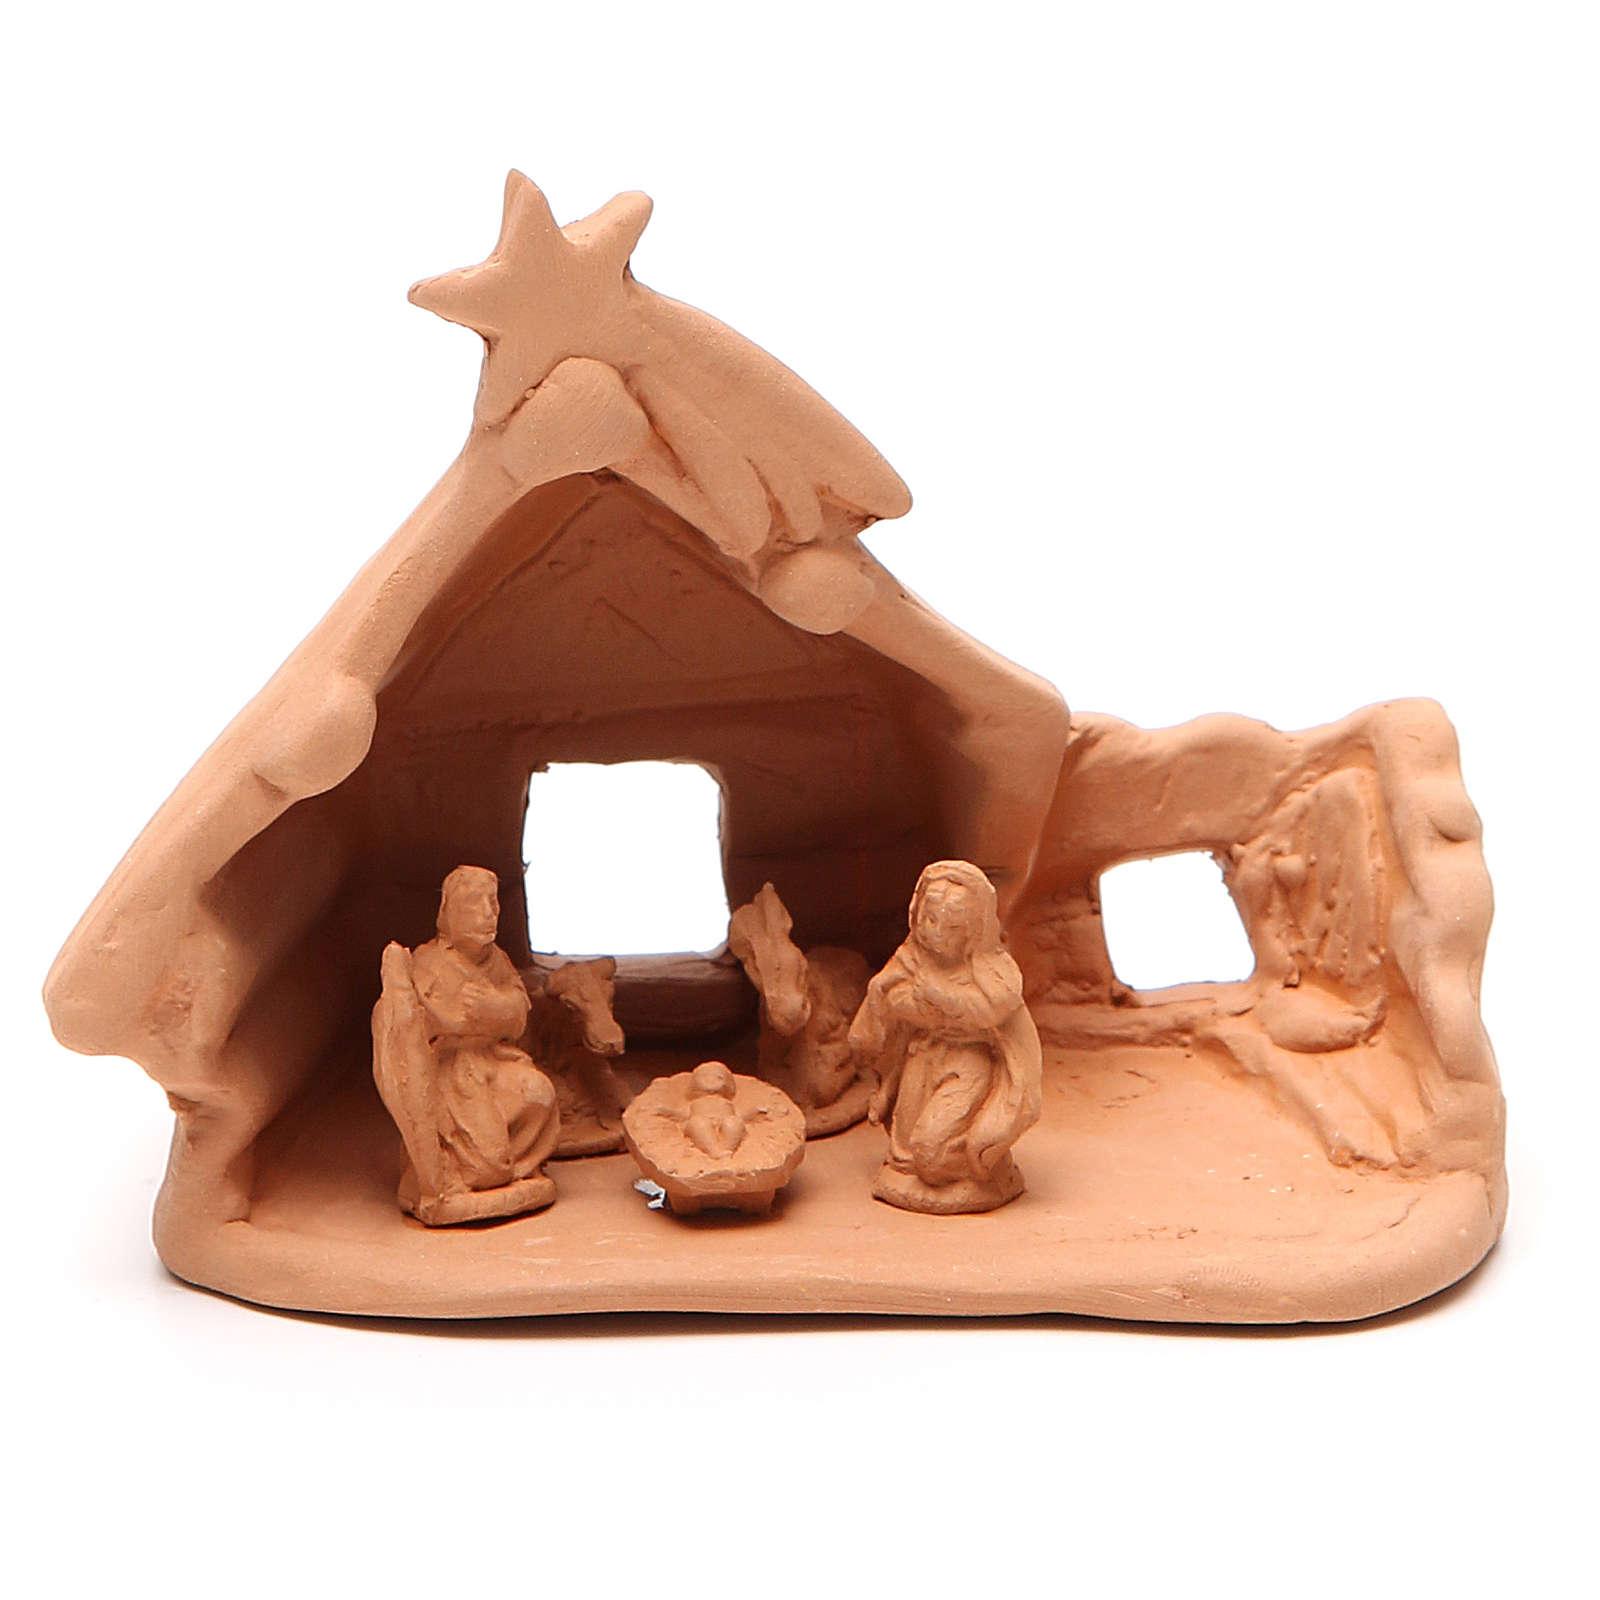 Nativité et cabane rustique terre cuite 11x12x7 cm 4